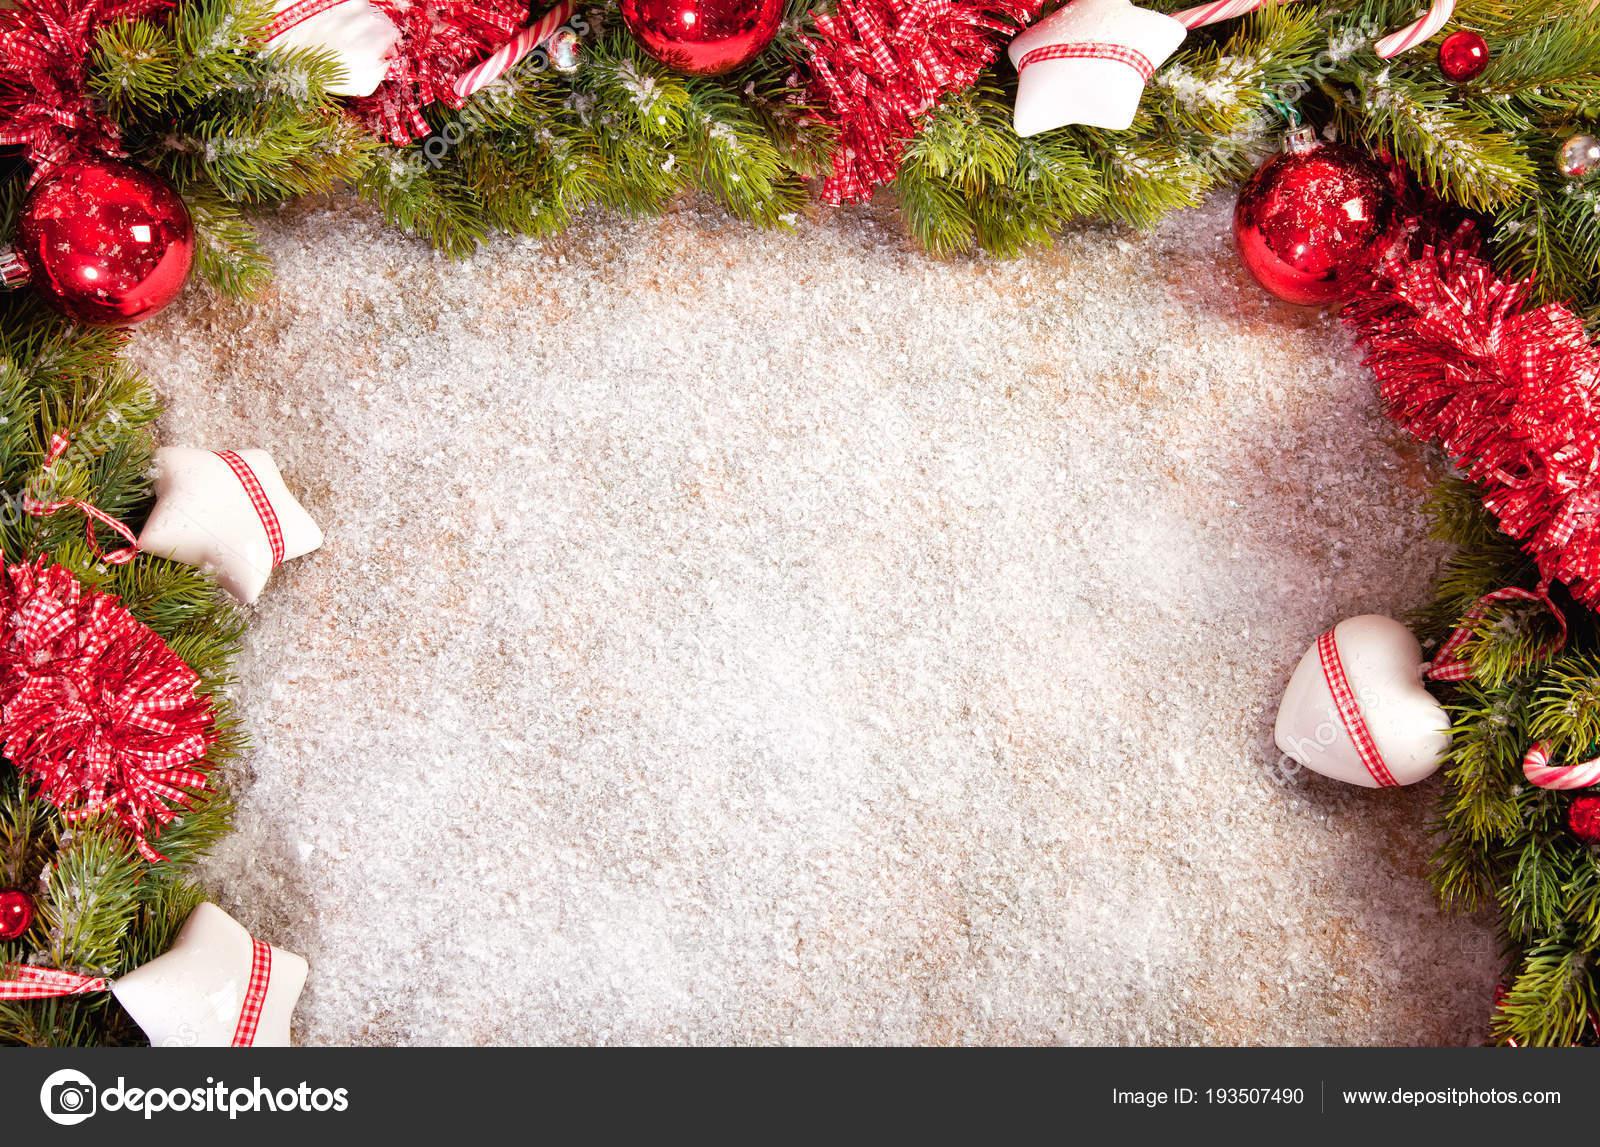 Weihnachtskarten Einladung.Weihnachts Dekoration Mit Geschenken Weihnachtskarten Einladung